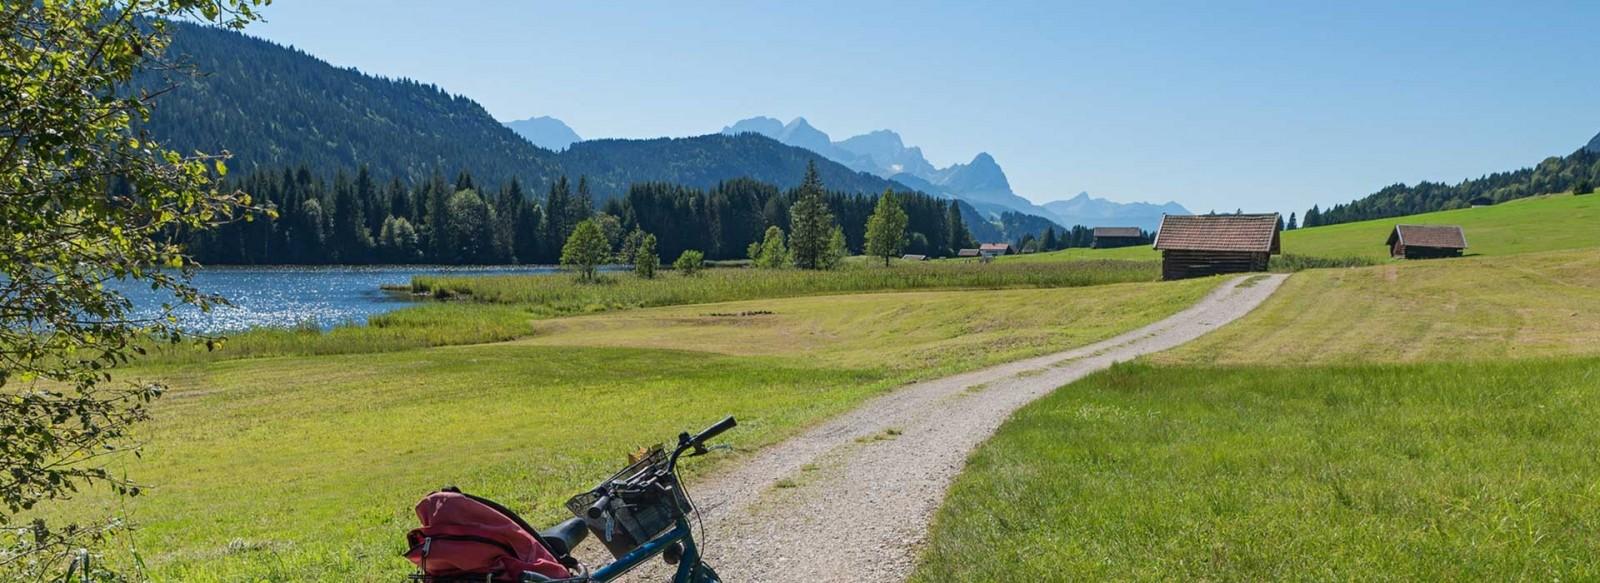 Fahrradtour und Mountenbiketouren im Karwendel